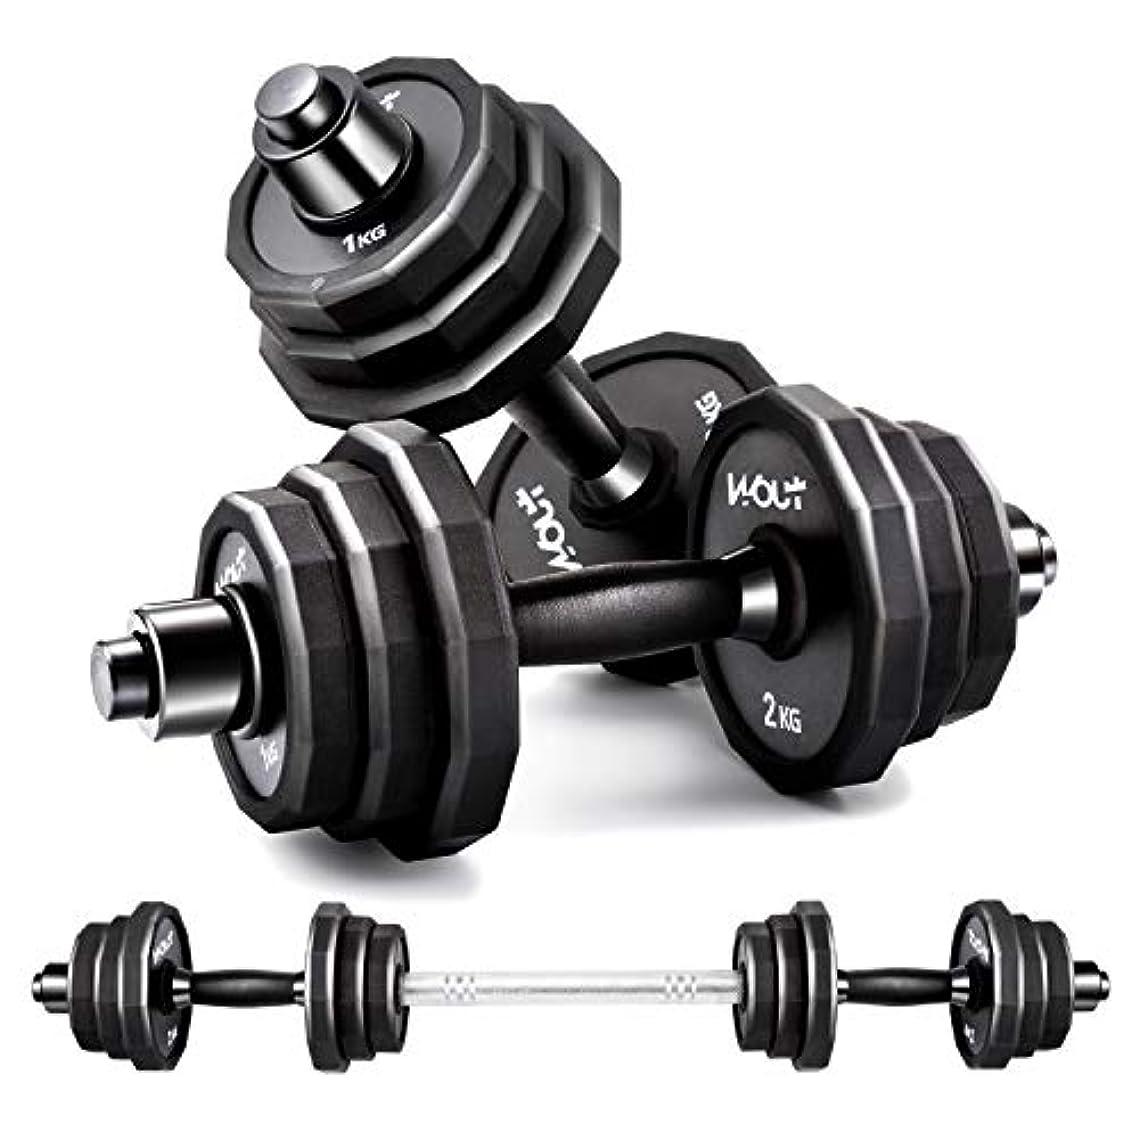 倫理孤独寸法ダンベル 【スチール製】 10kg 15kg 20kg 2個セット (Wout) バーベル 鉄アレイ 筋トレ ウェイトトレーニング